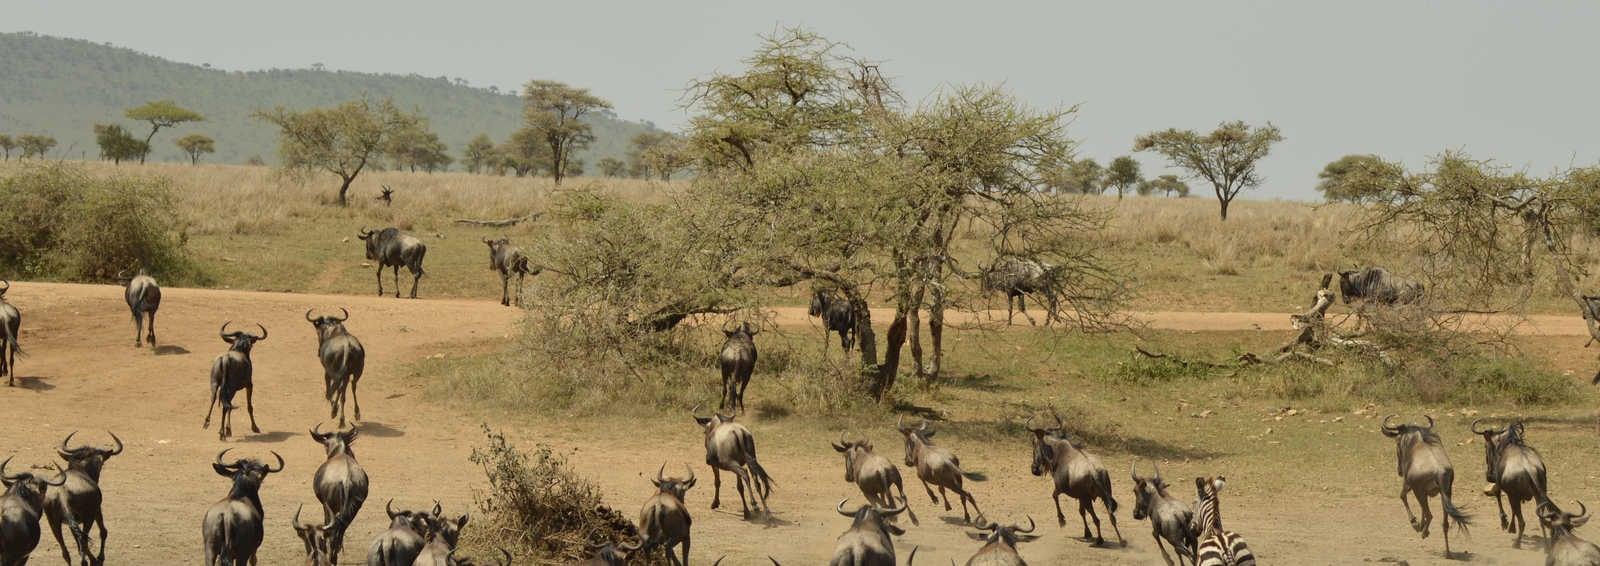 Wilderbeast in Tanzania